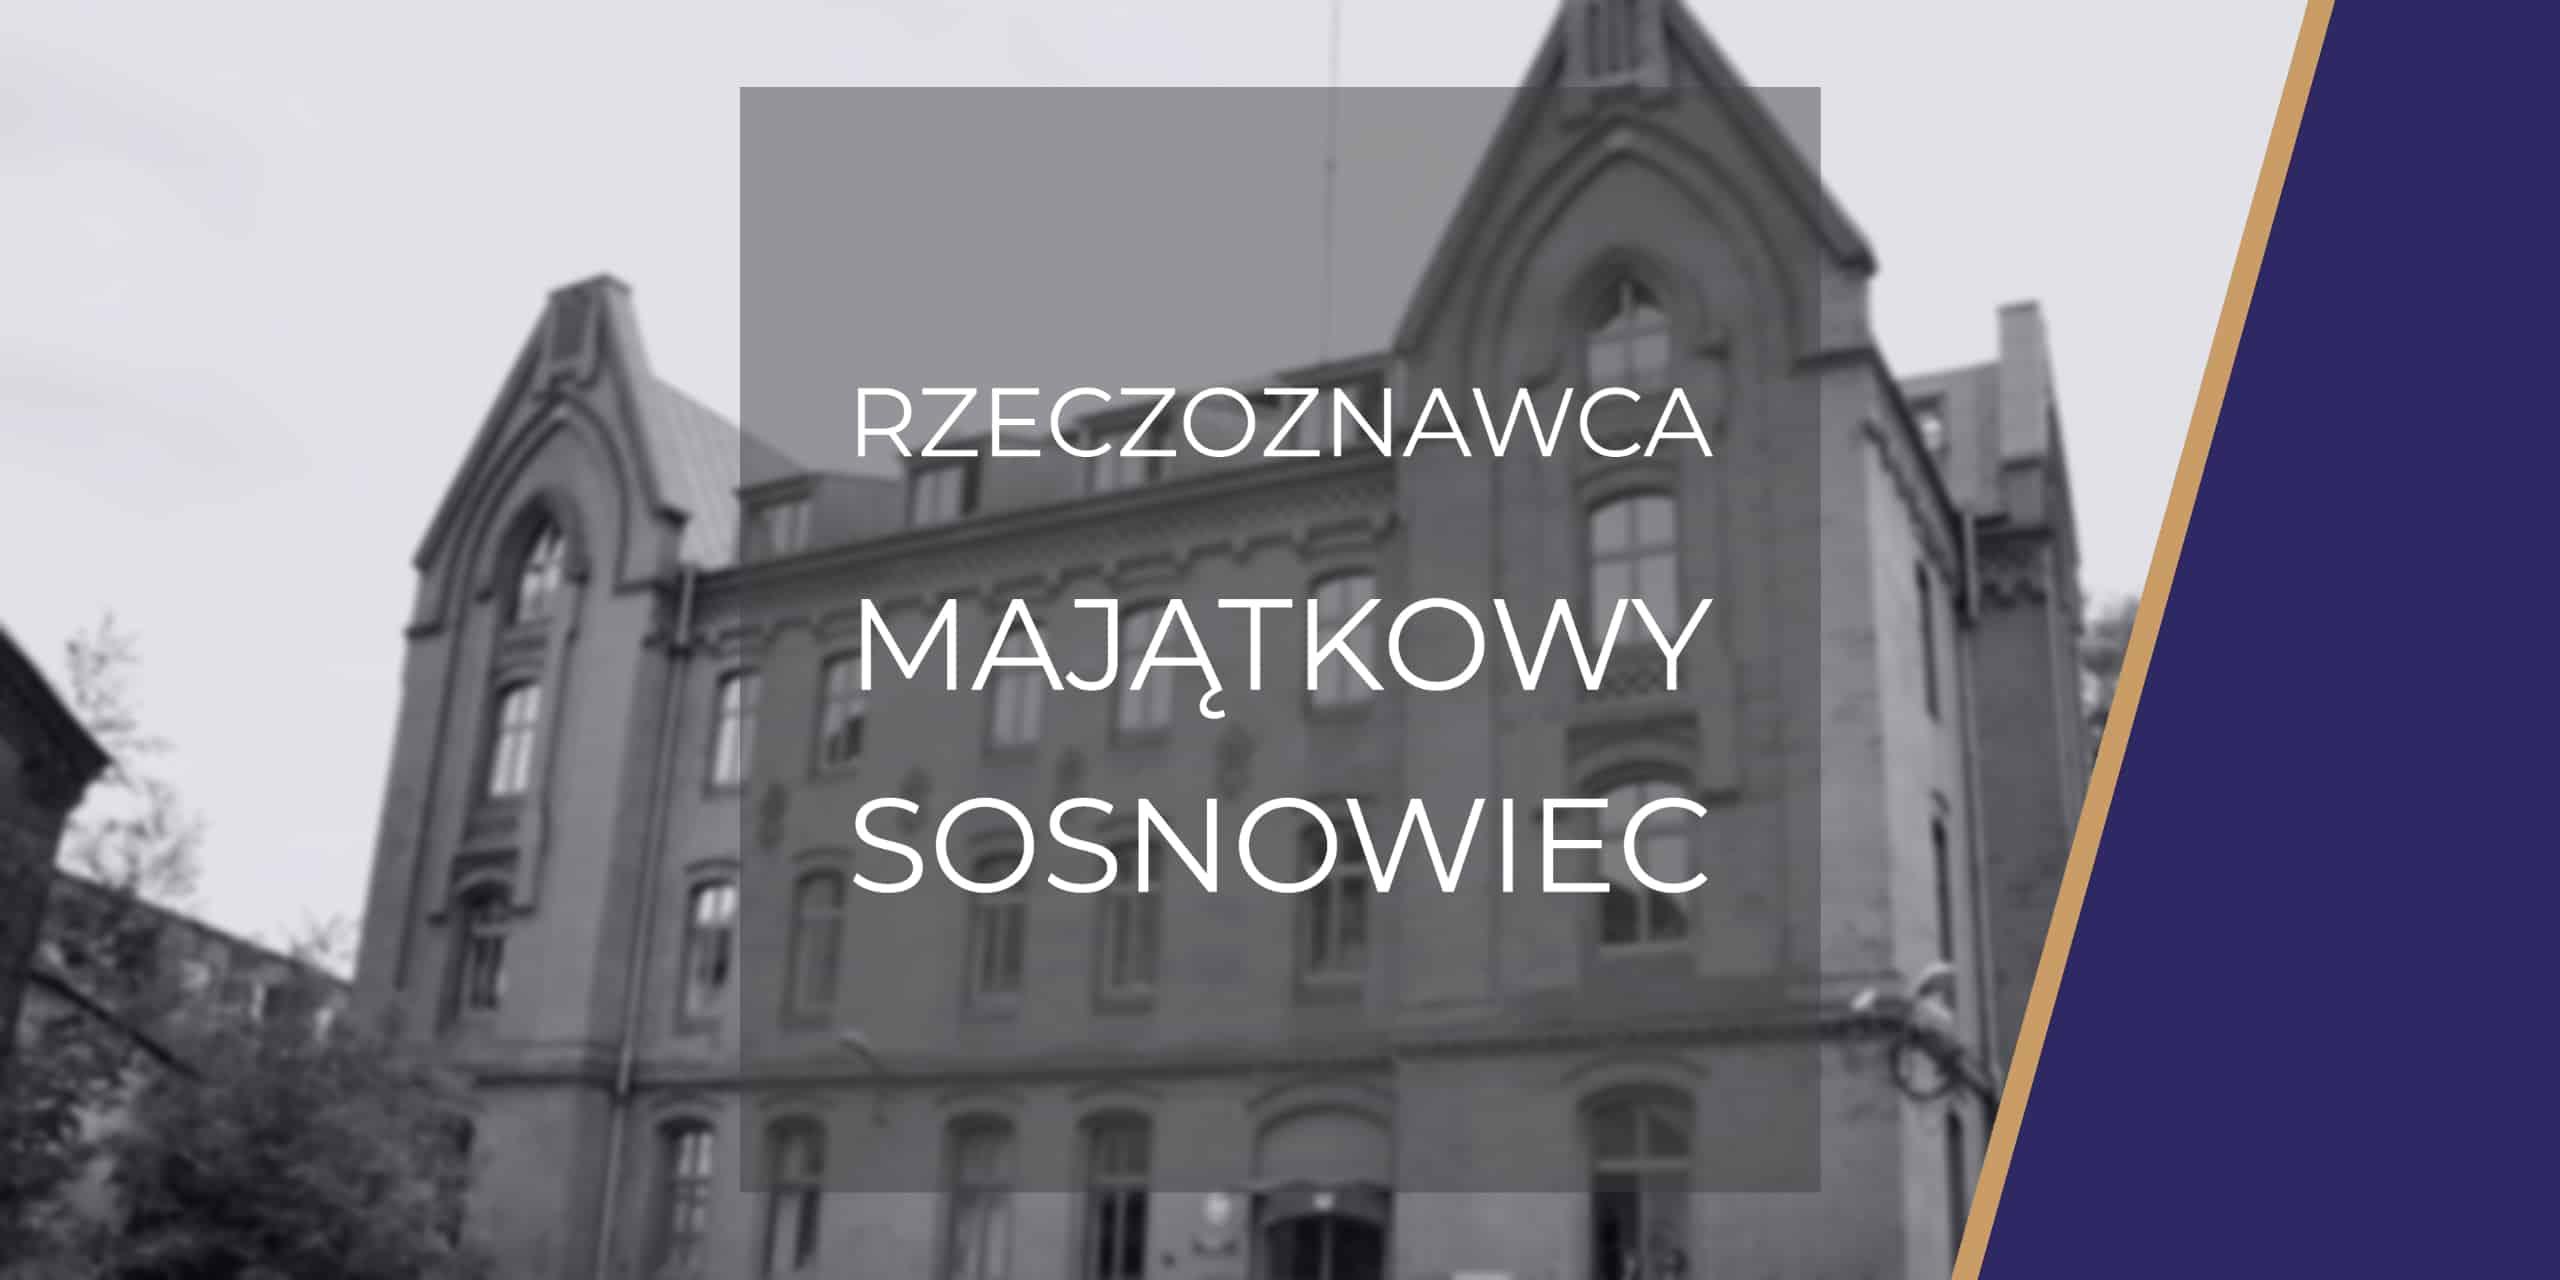 Rzeczoznawca Sosnowiec